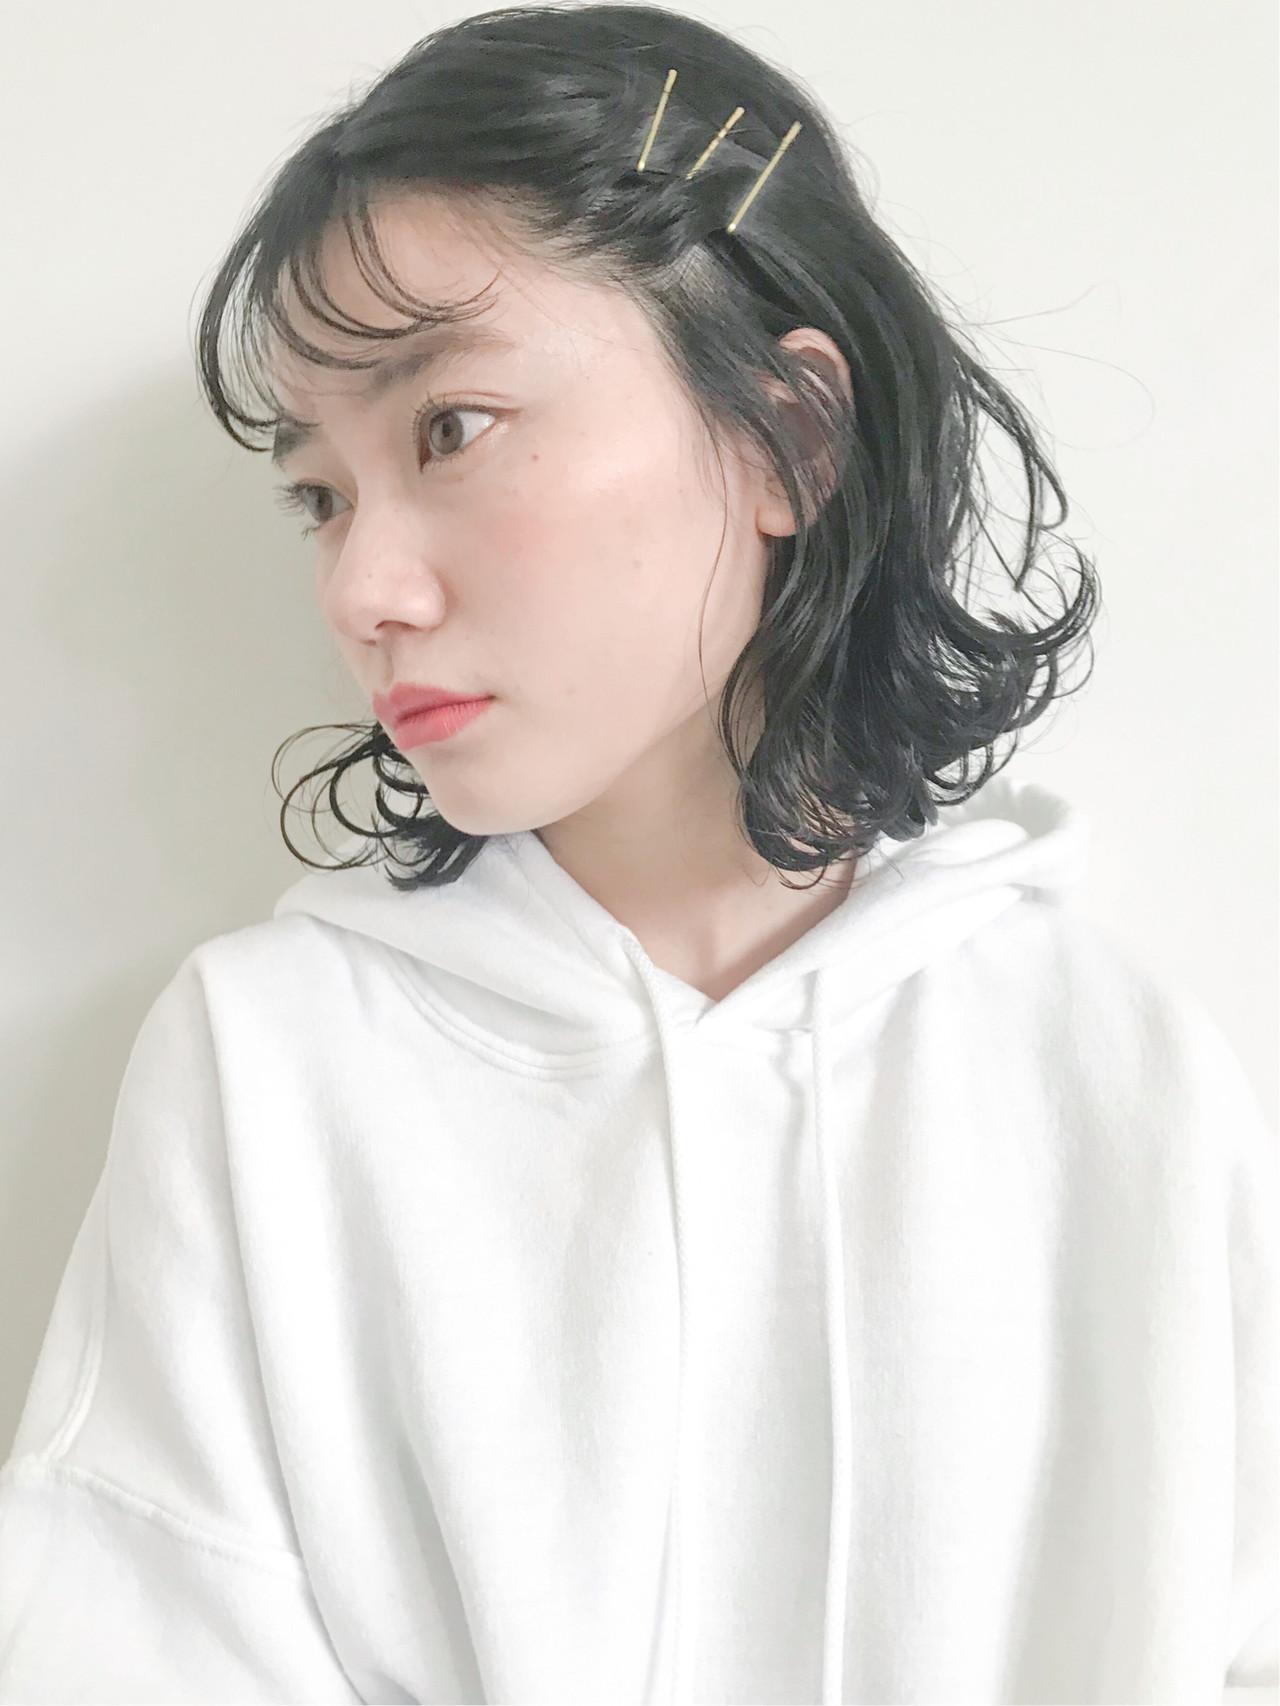 アンニュイほつれヘア ナチュラル ボブ 簡単ヘアアレンジ ヘアスタイルや髪型の写真・画像 | NARUMI / SOCO